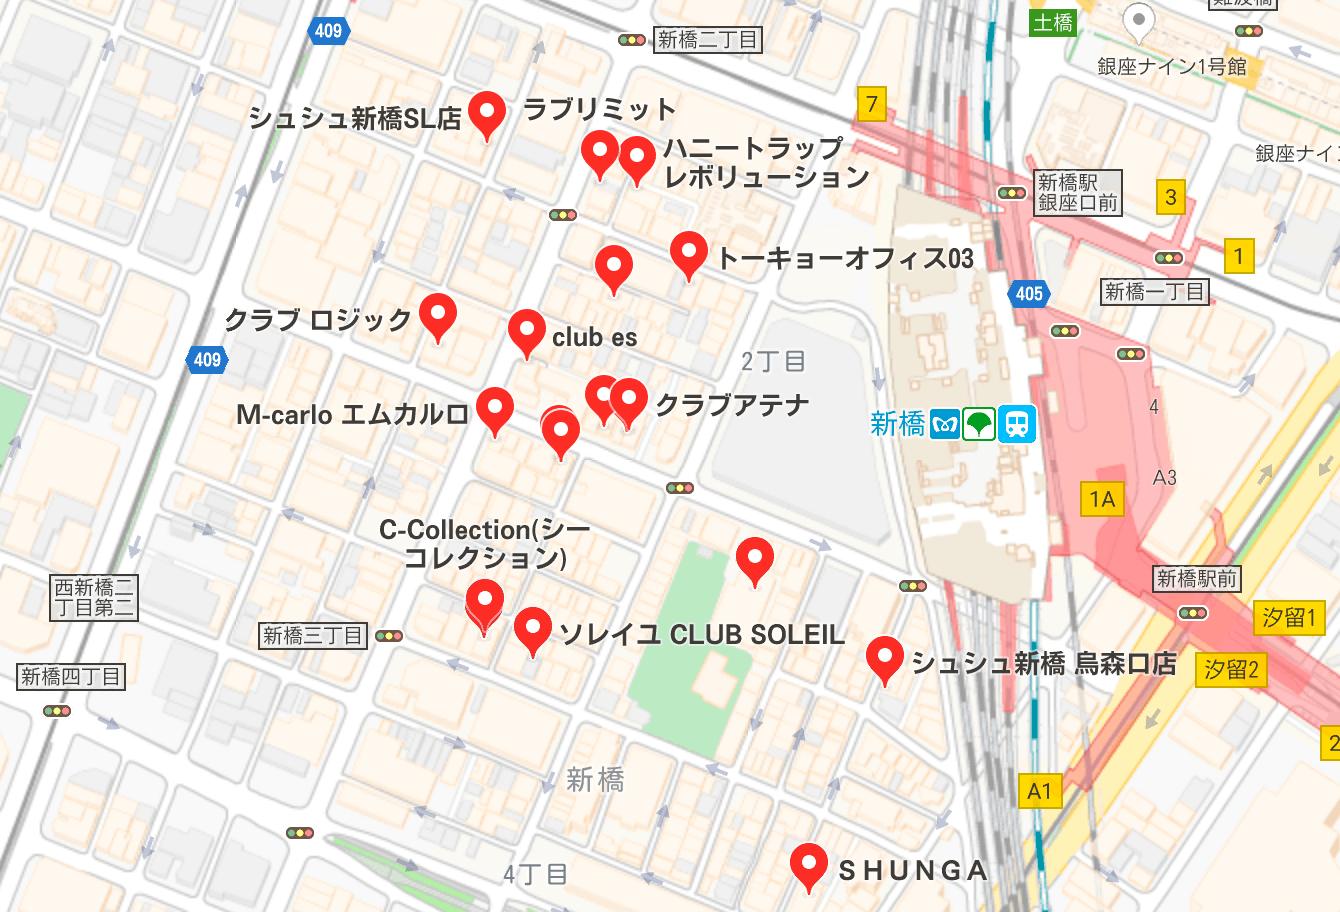 新橋 夜遊び